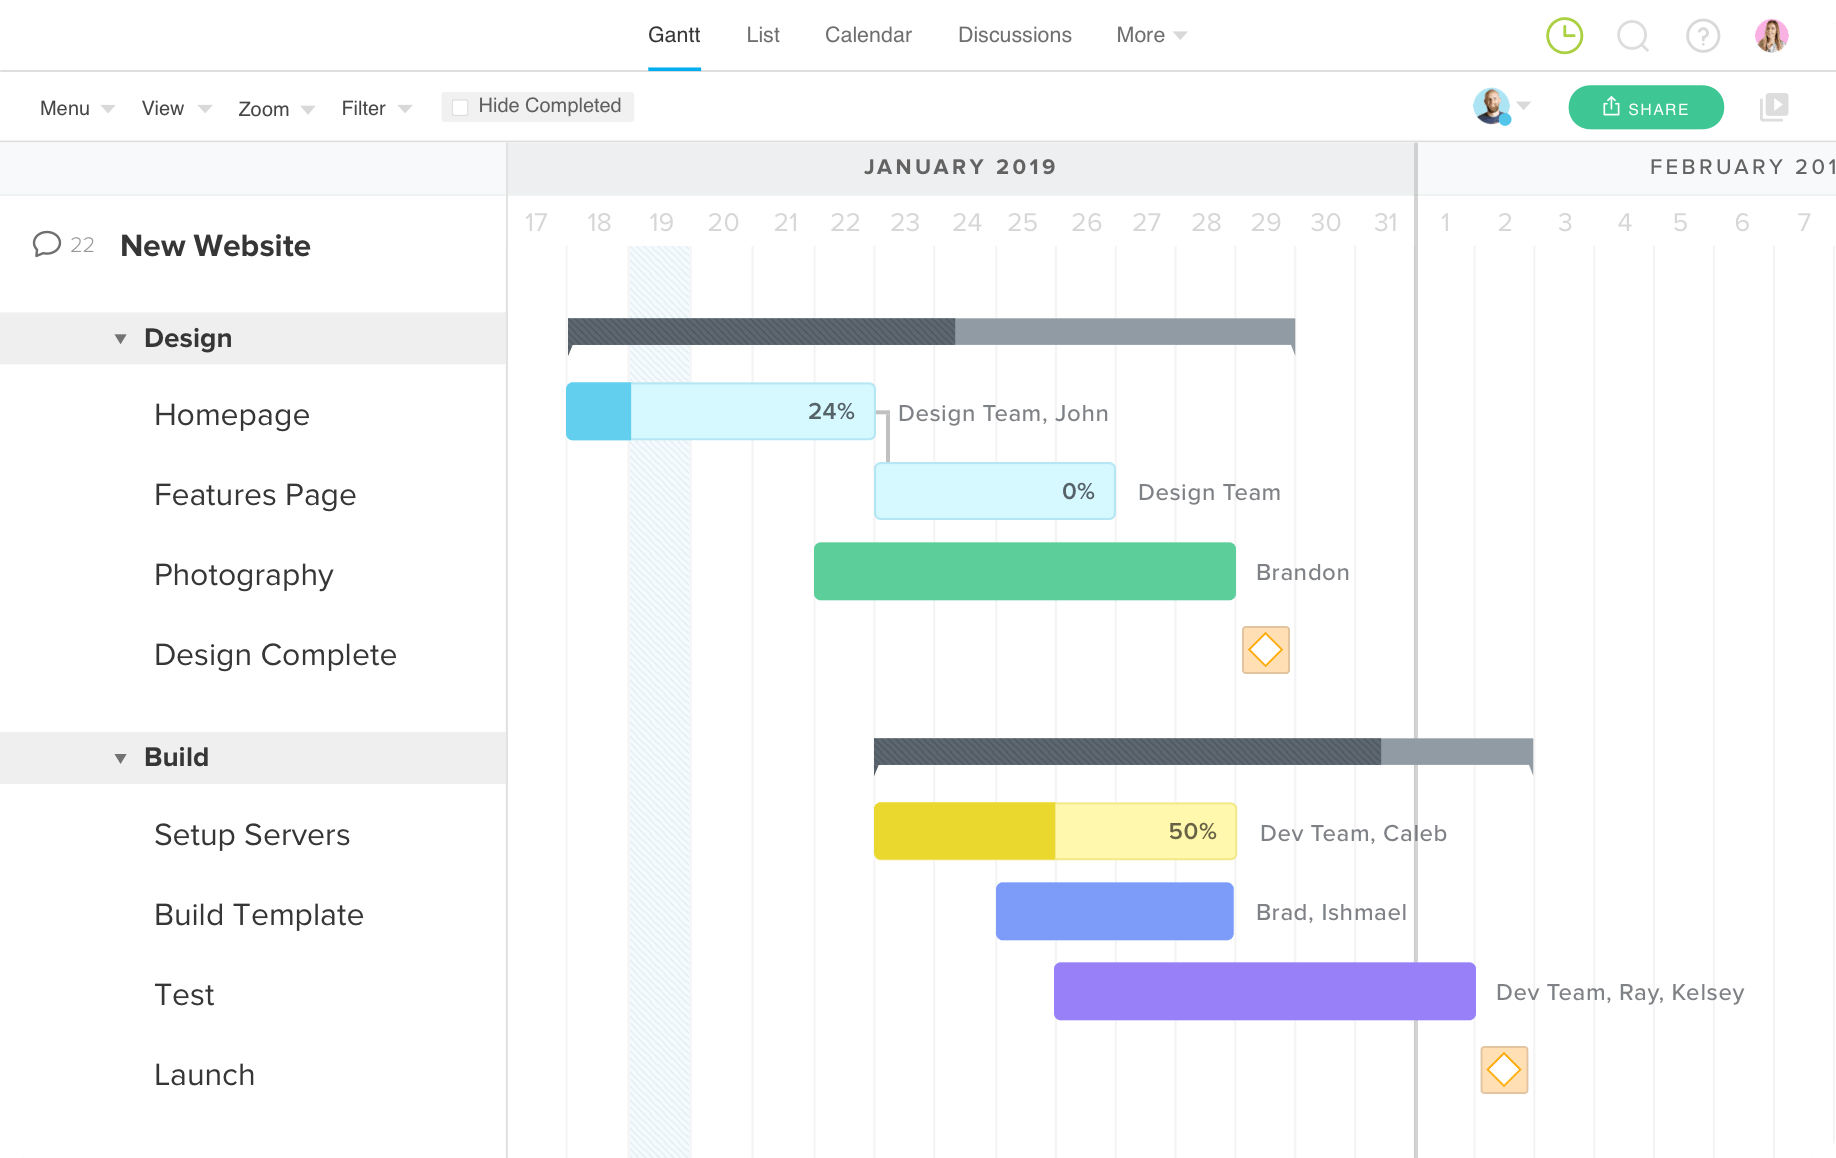 TeamGantt timelines